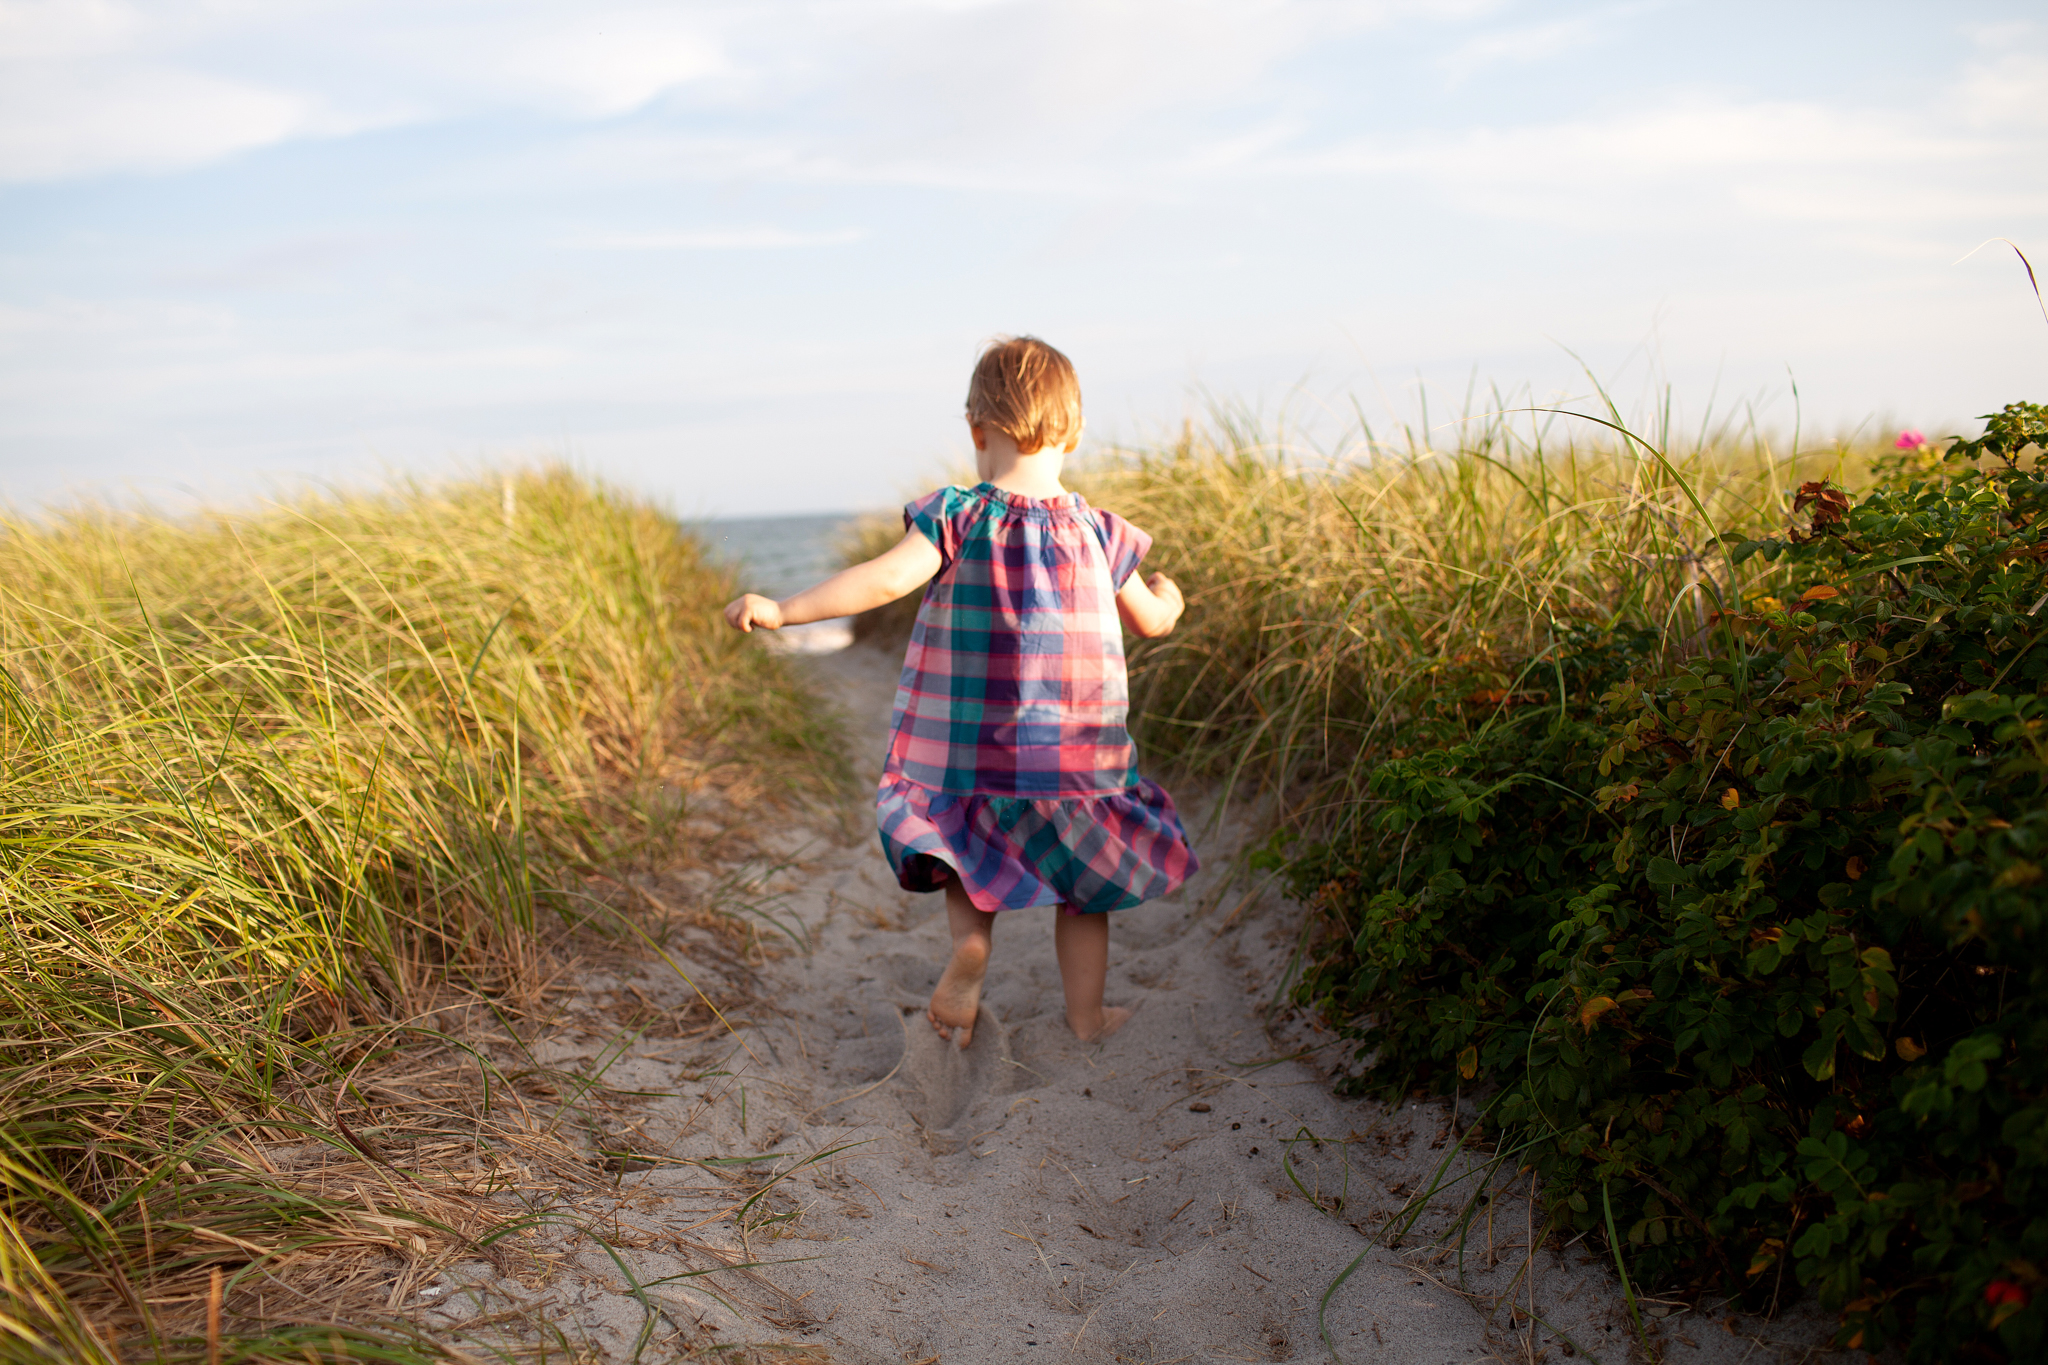 maine-family-photography-pine-point- beach-18.jpg